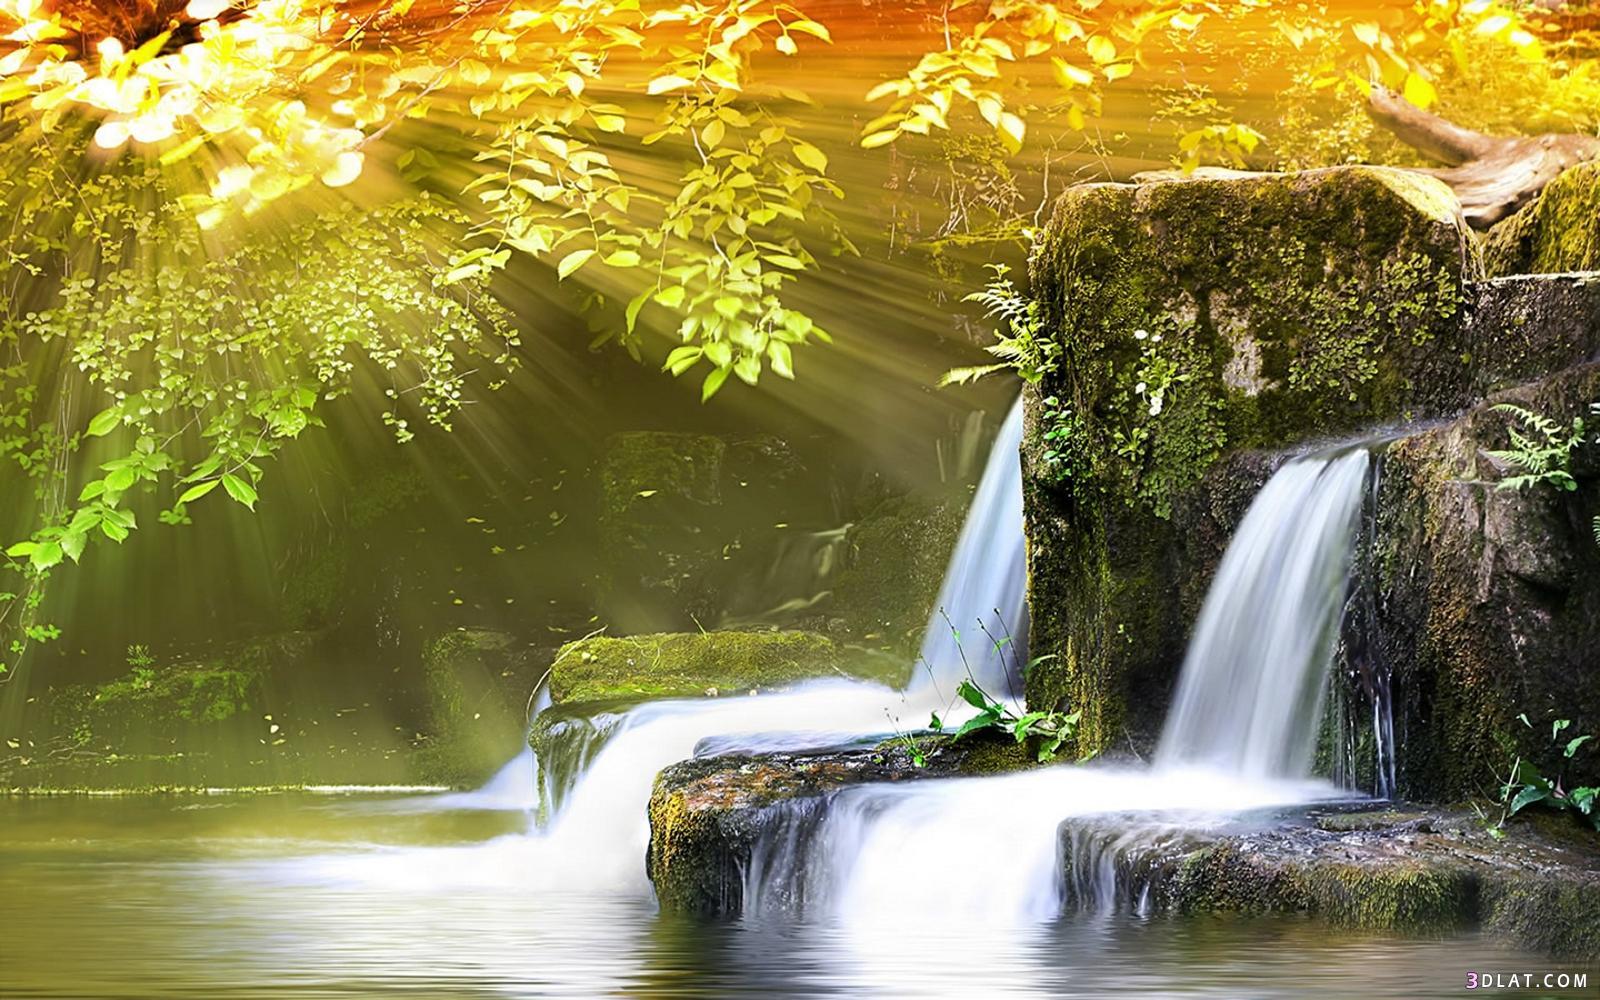 بالصور اجمل الصور الطبيعيه الساحرة ed83eaa2dda1ee60cb91f360c5107cad